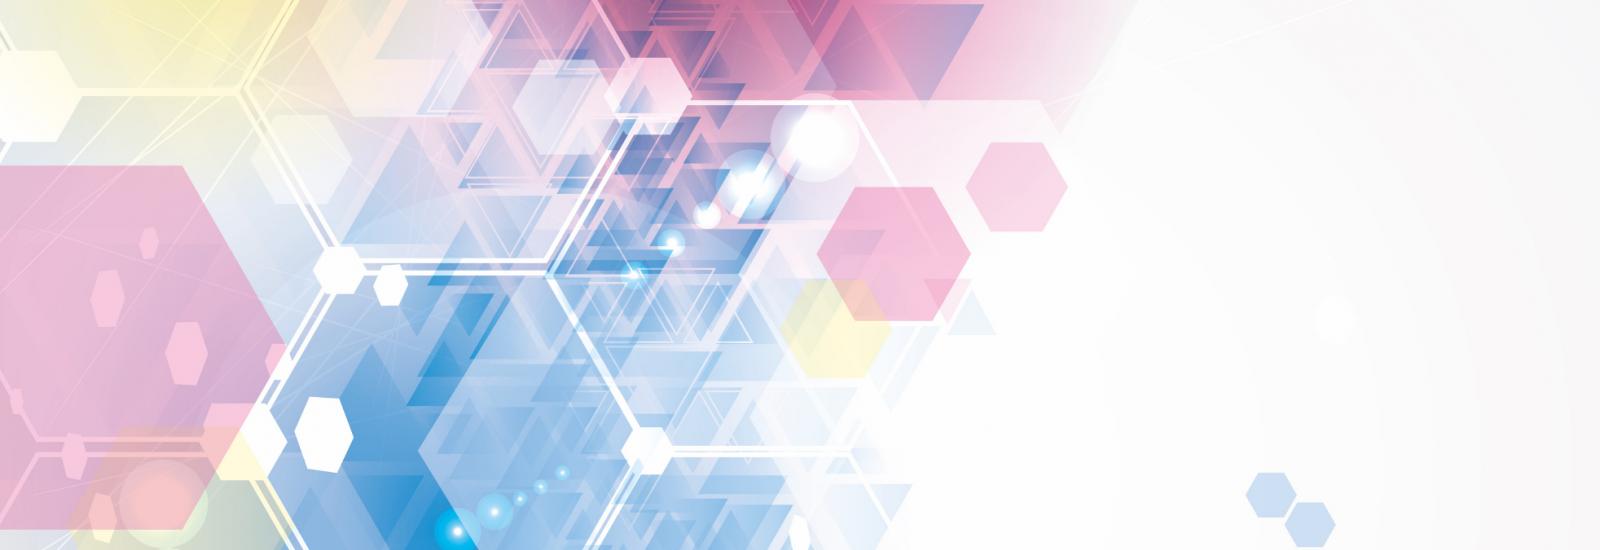 Oxford Summit Hexagons